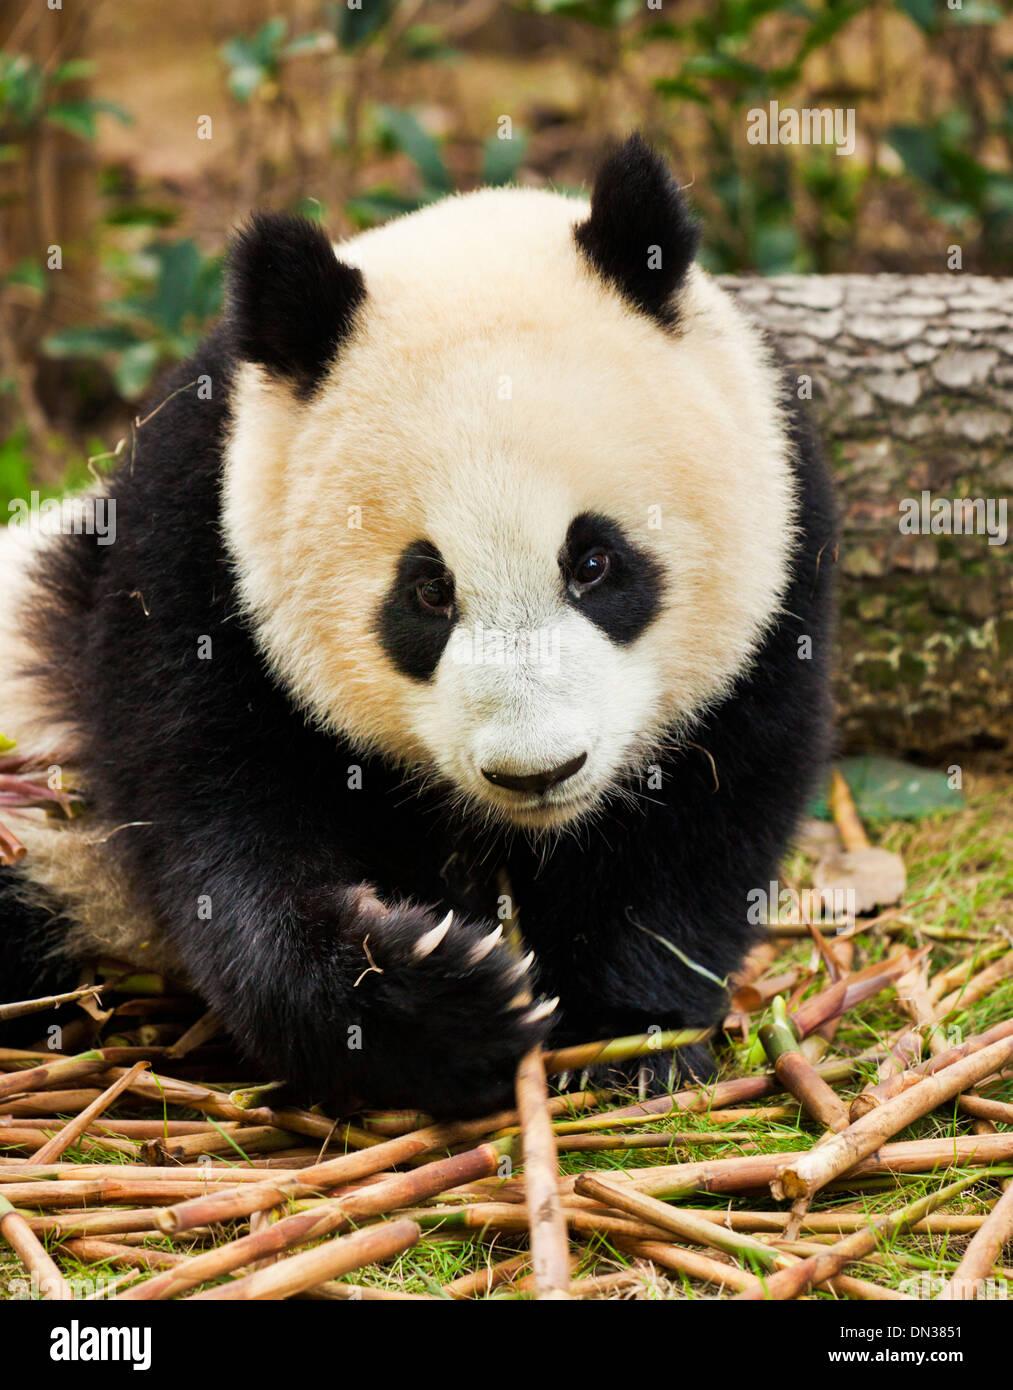 Le Panda Géant, Ailuropoda melanoleuca Panda et centre de recherche de reproduction, Chengdu, Chine République populaire de Chine, l'Asie Photo Stock